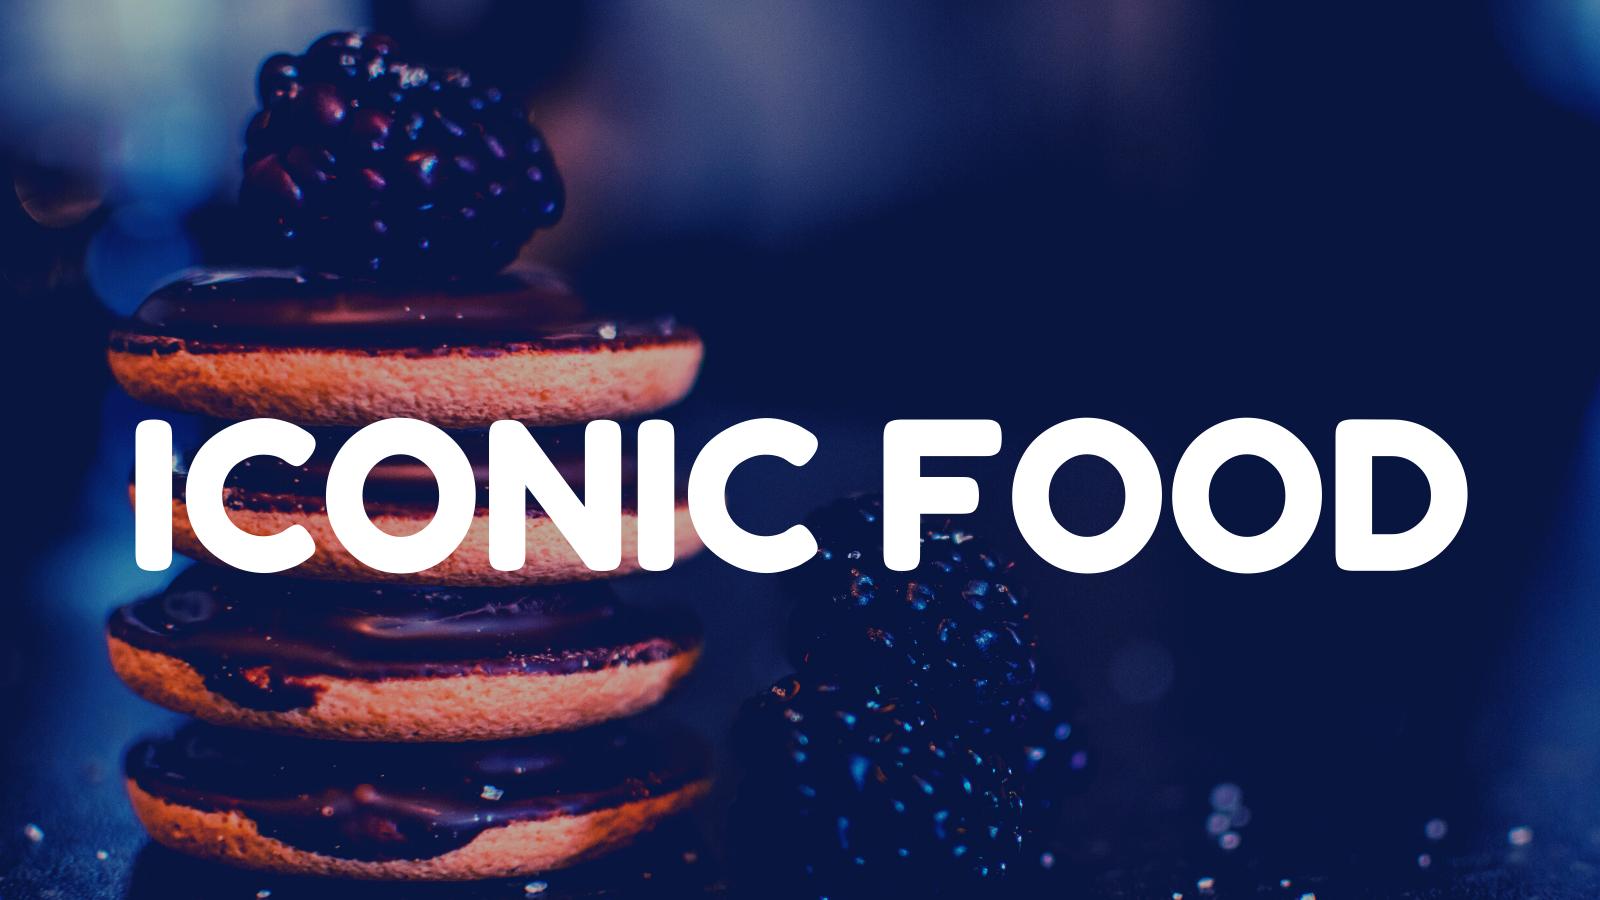 PIlih makanan yang ikonik untuk menghadirkan kesan kuat pada oleh-oleh yang kita bawa pulang